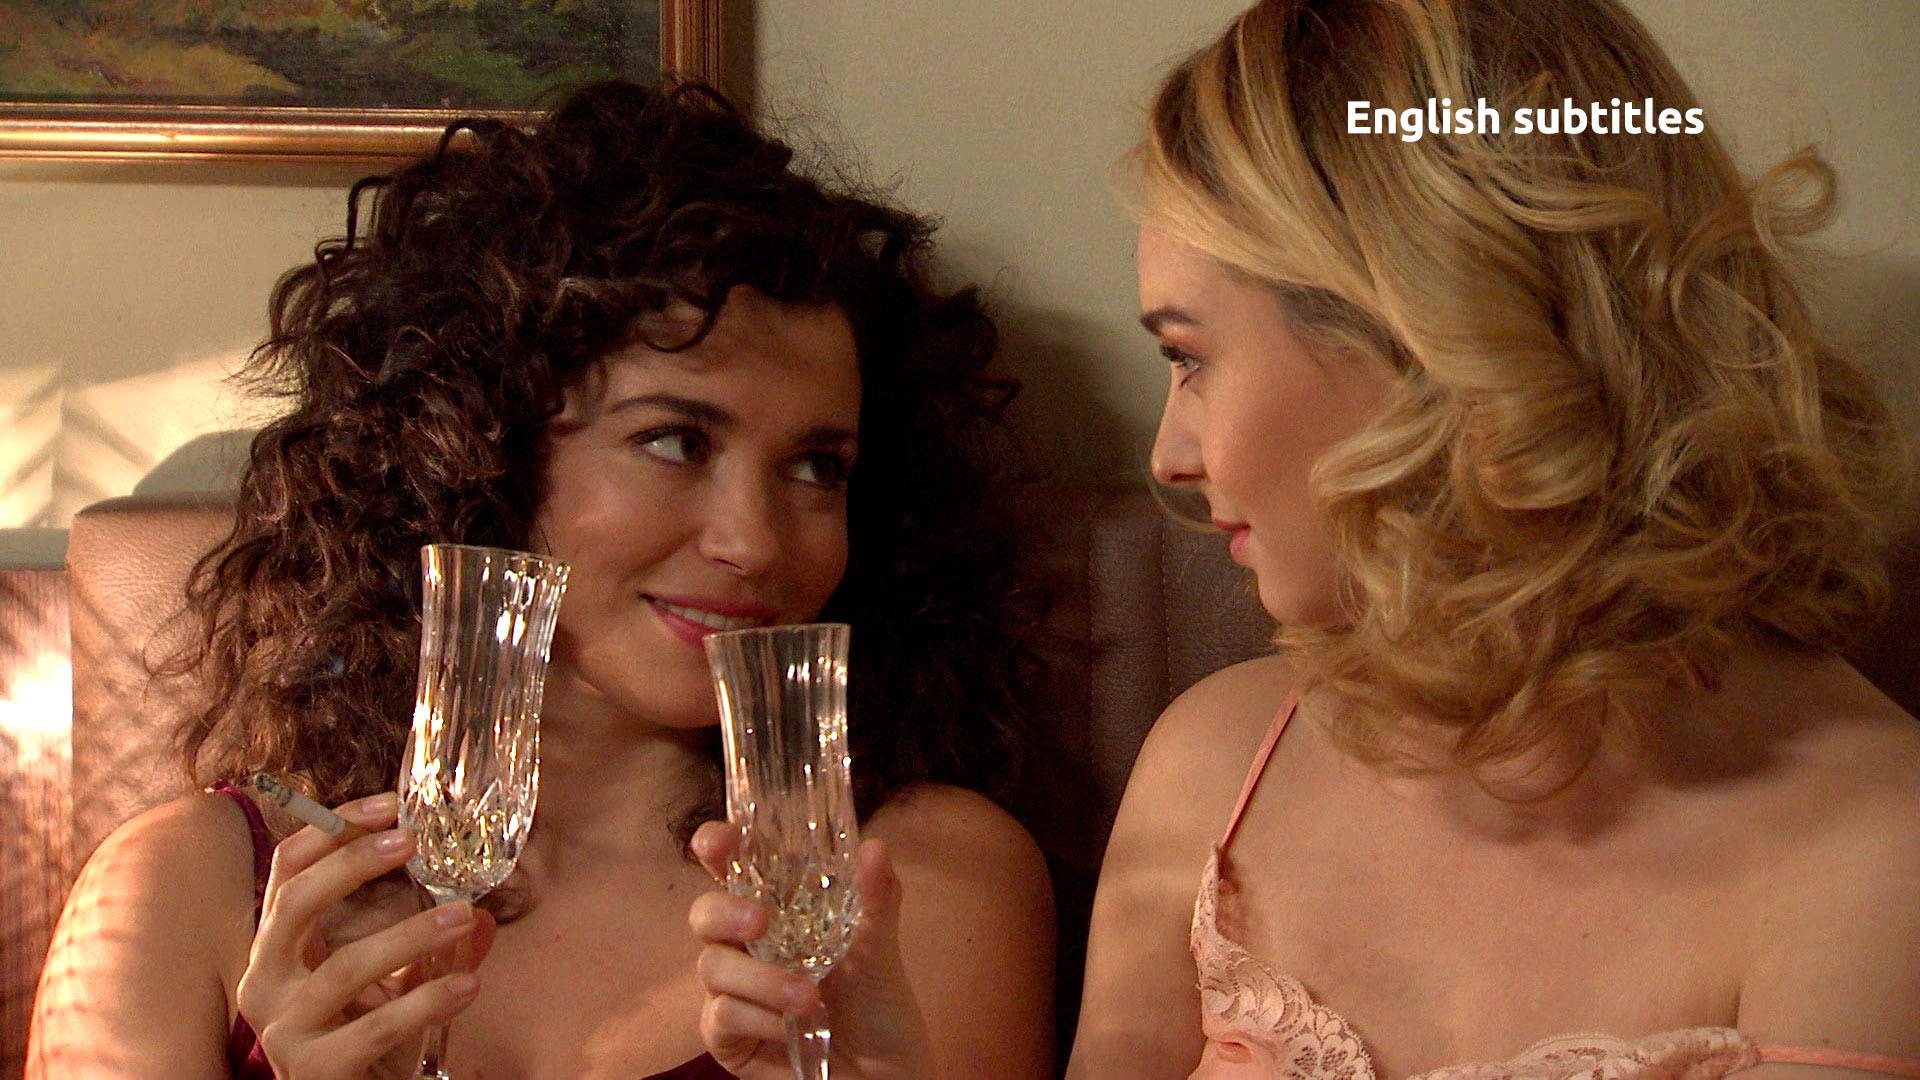 #Luimelia 77 - English Subtitles Capítulo 2